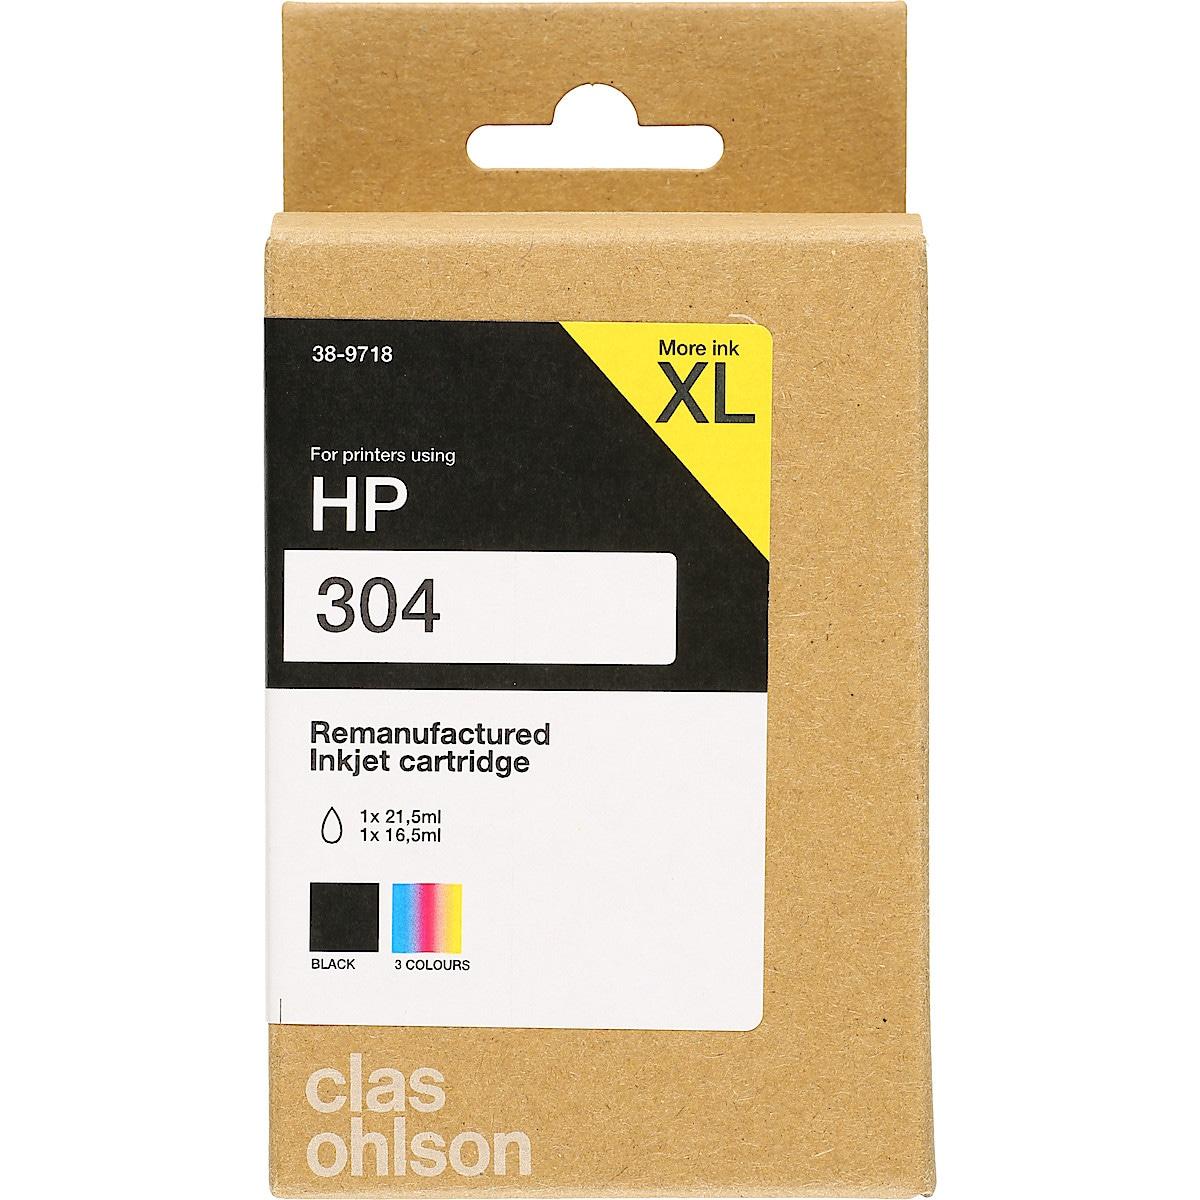 Clas Ohlson blekkpatron XL til HP 304